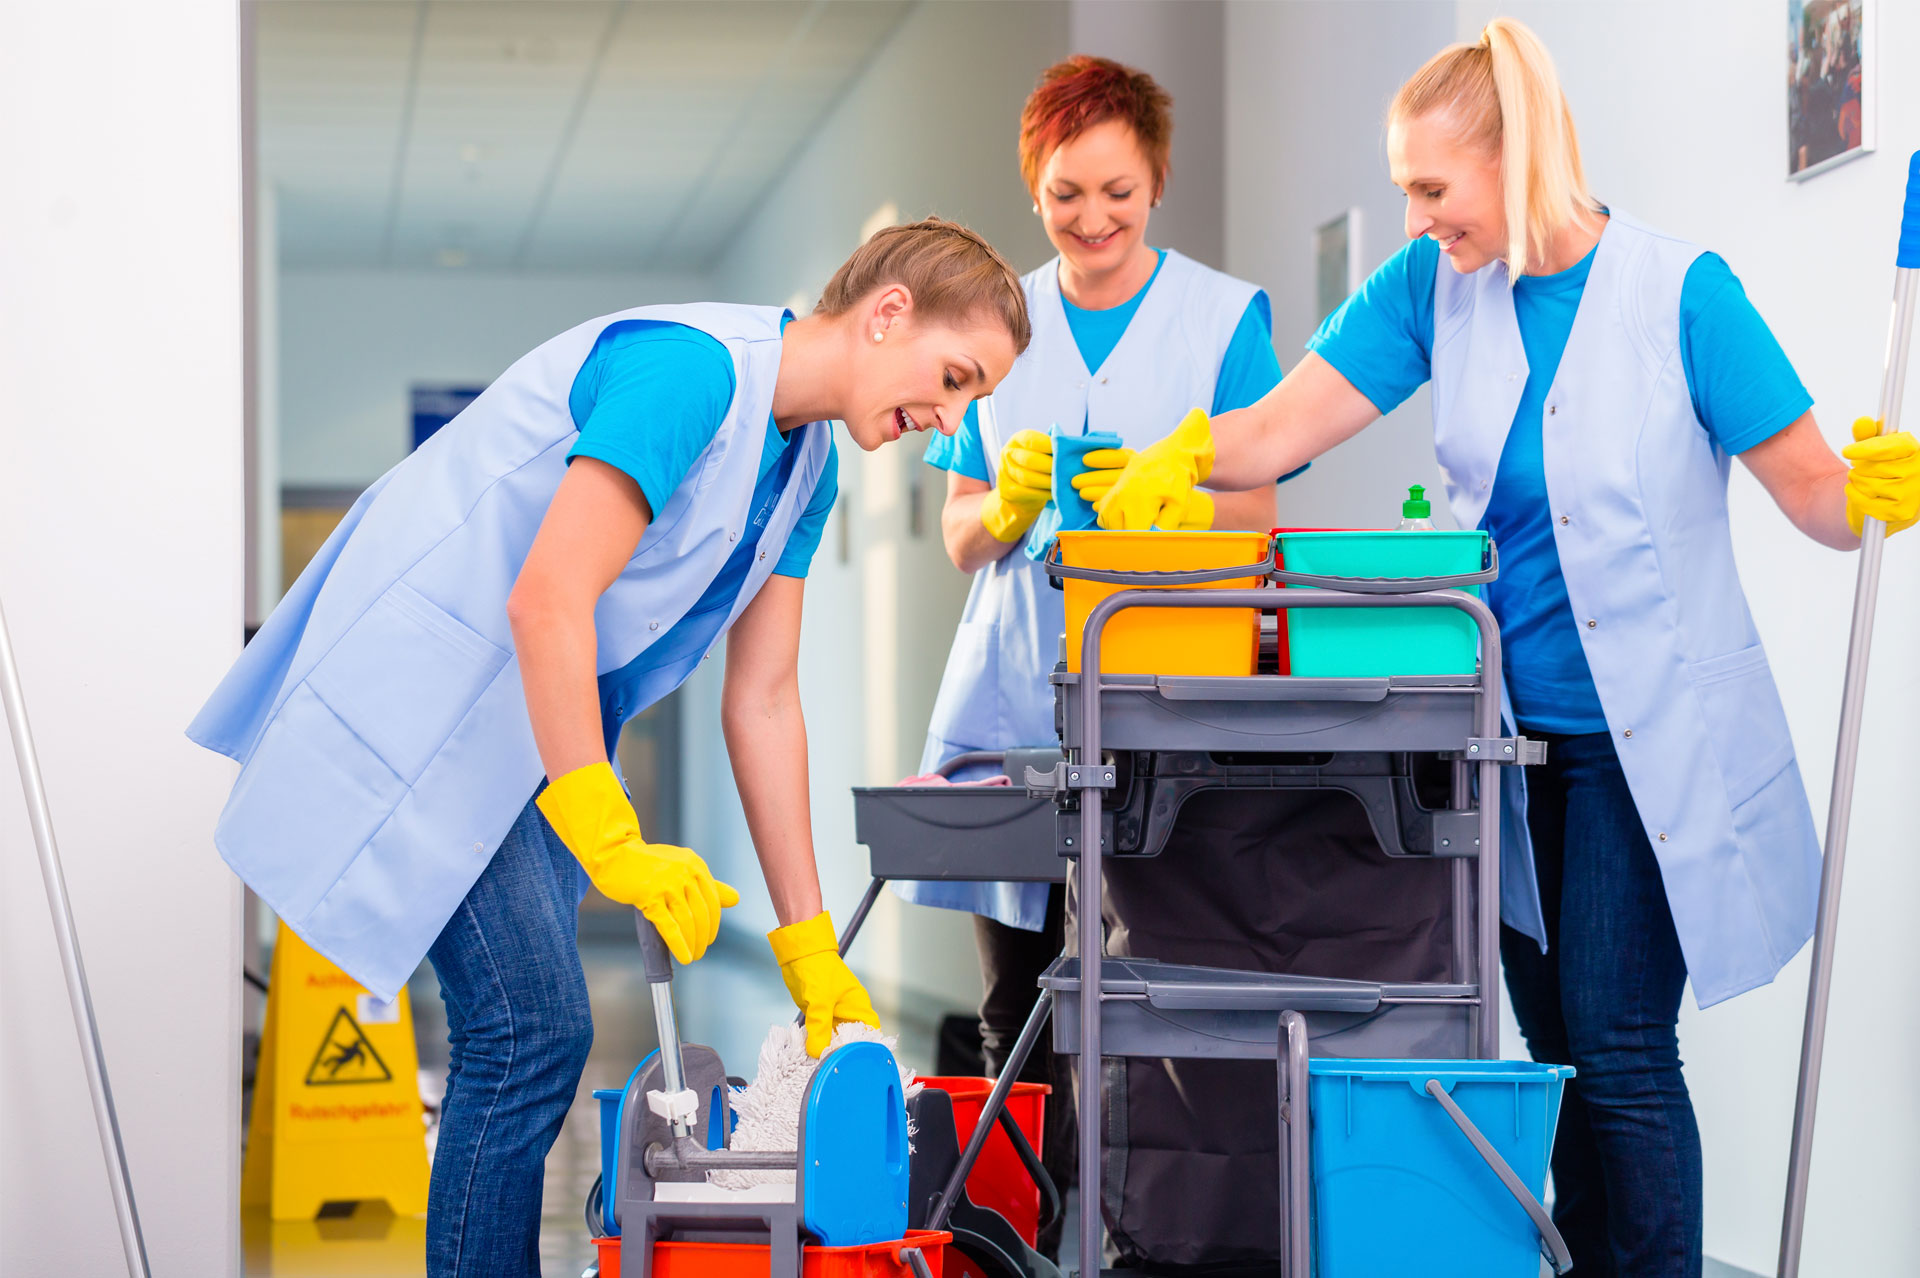 Lima Clean nettoyage professionnel à Bruxelles